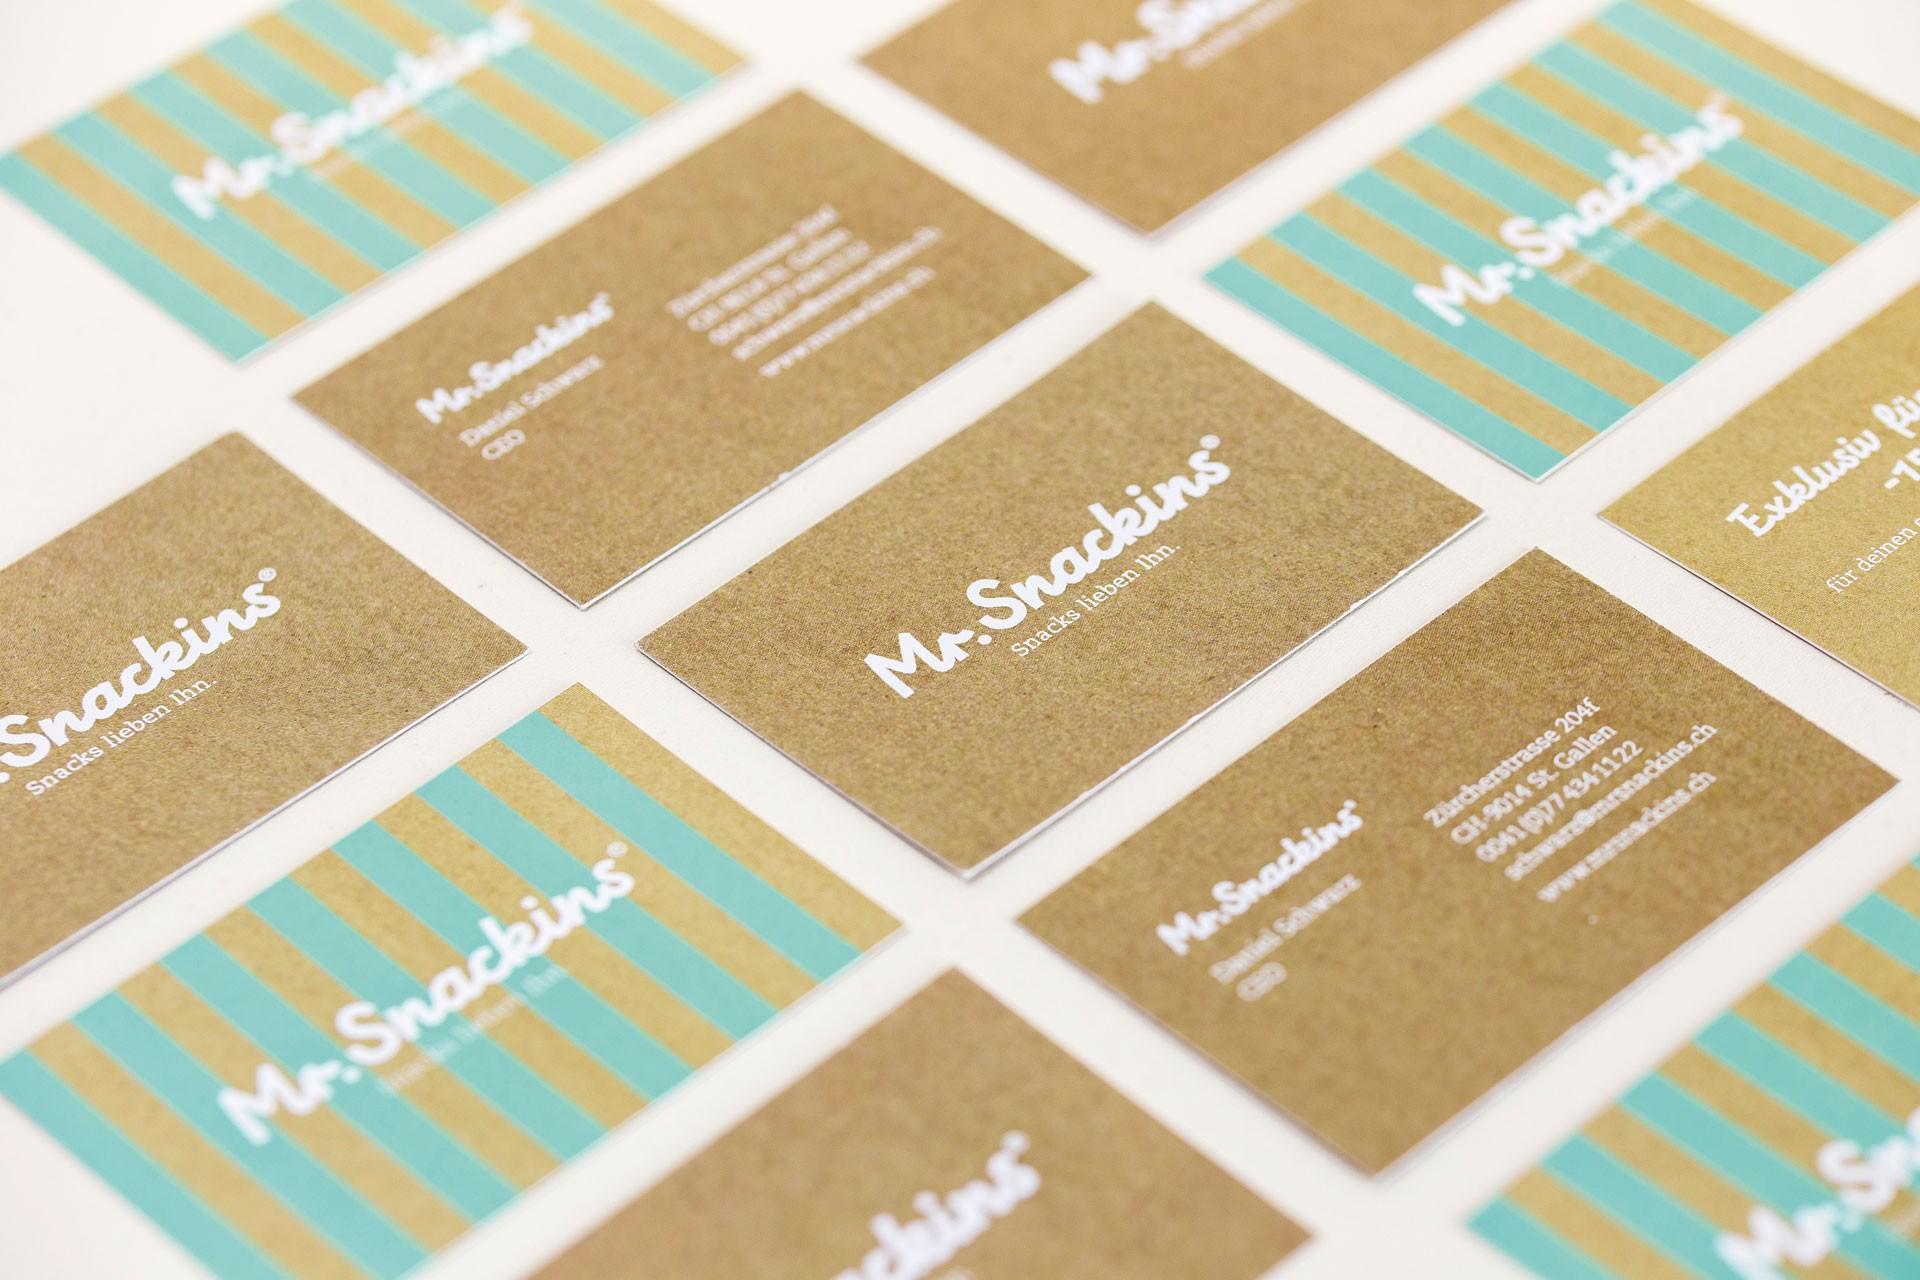 markburg – Studio für Markenbildung & Gestaltung Mr. Snackins